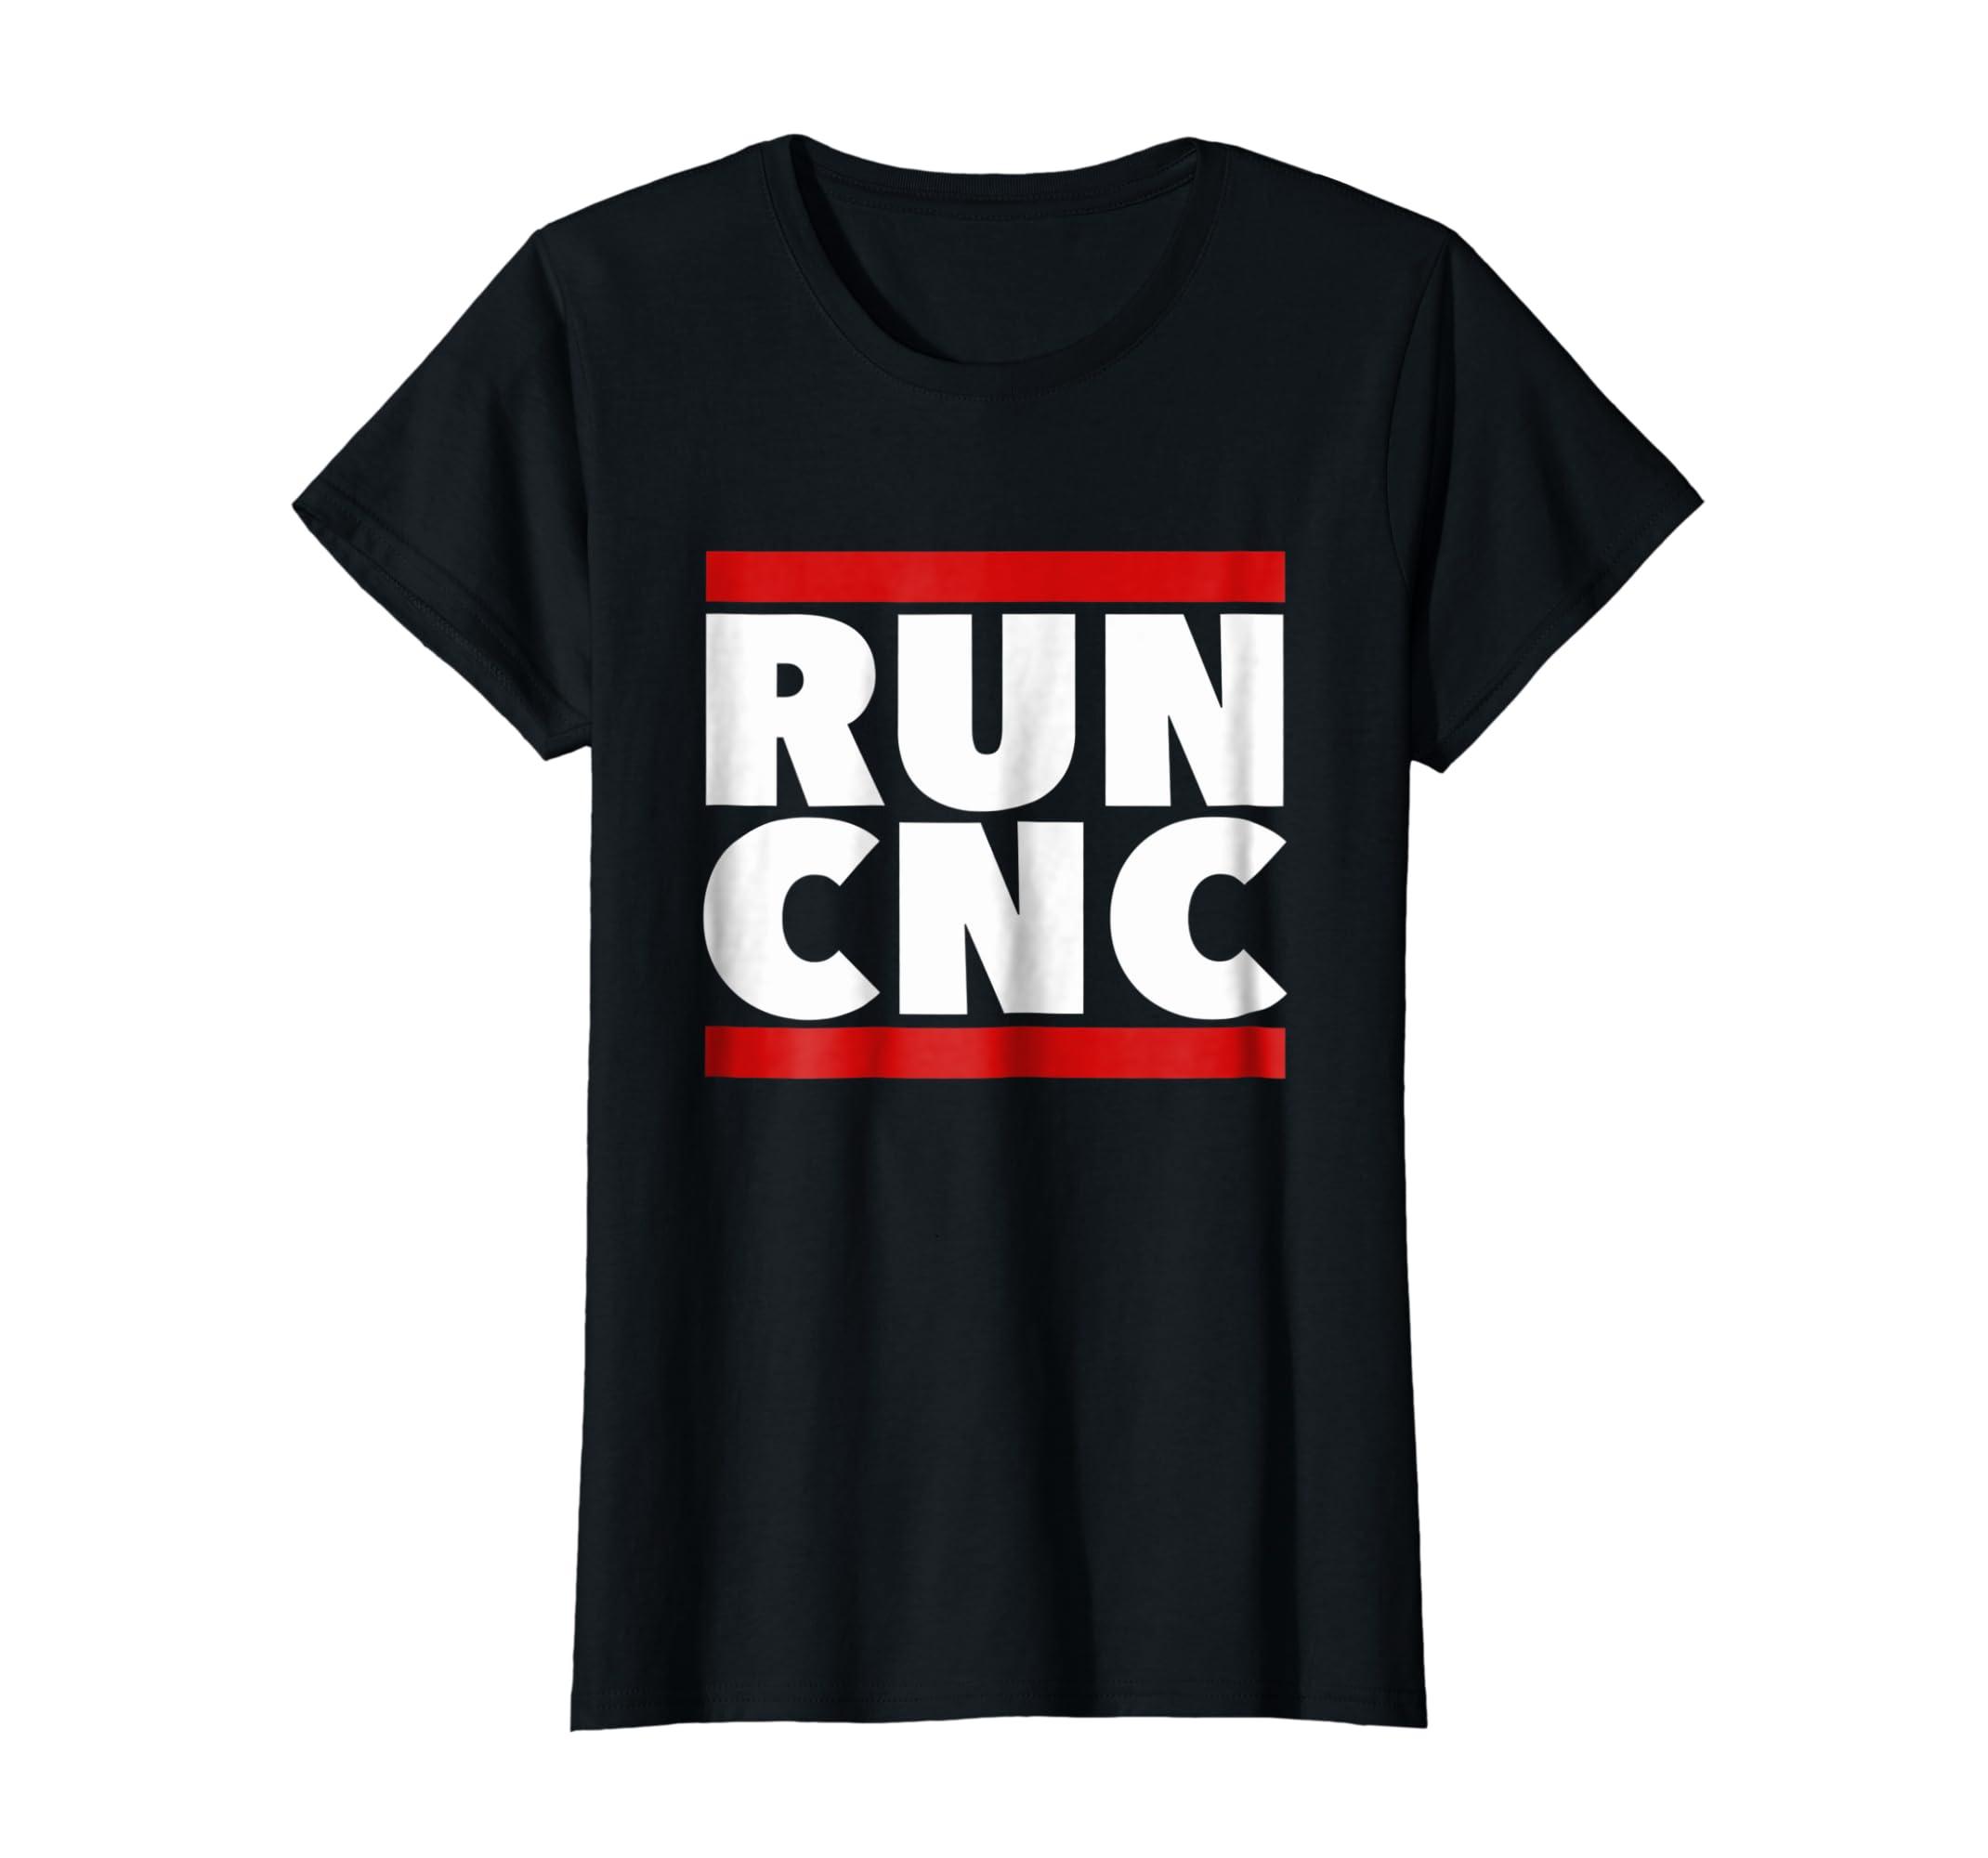 RUN CNC shirt. Funny machinist engineer G code tee-Teechatpro